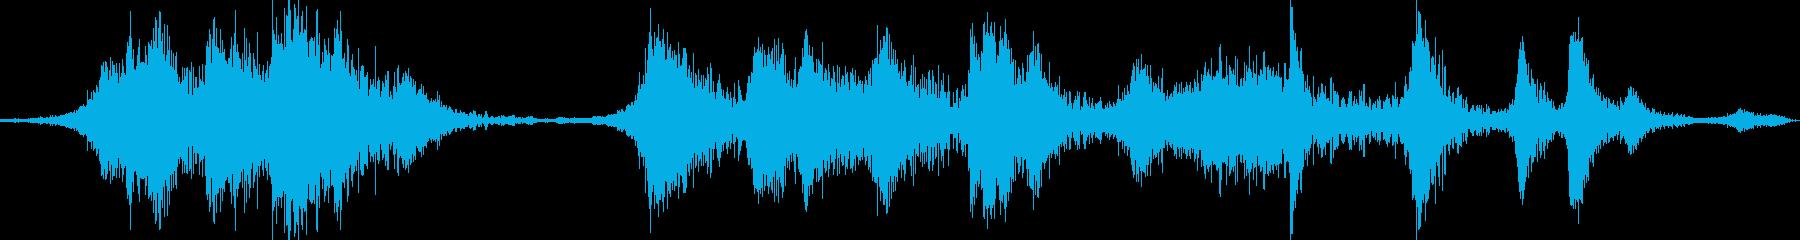 サブスペースガス爆発の再生済みの波形